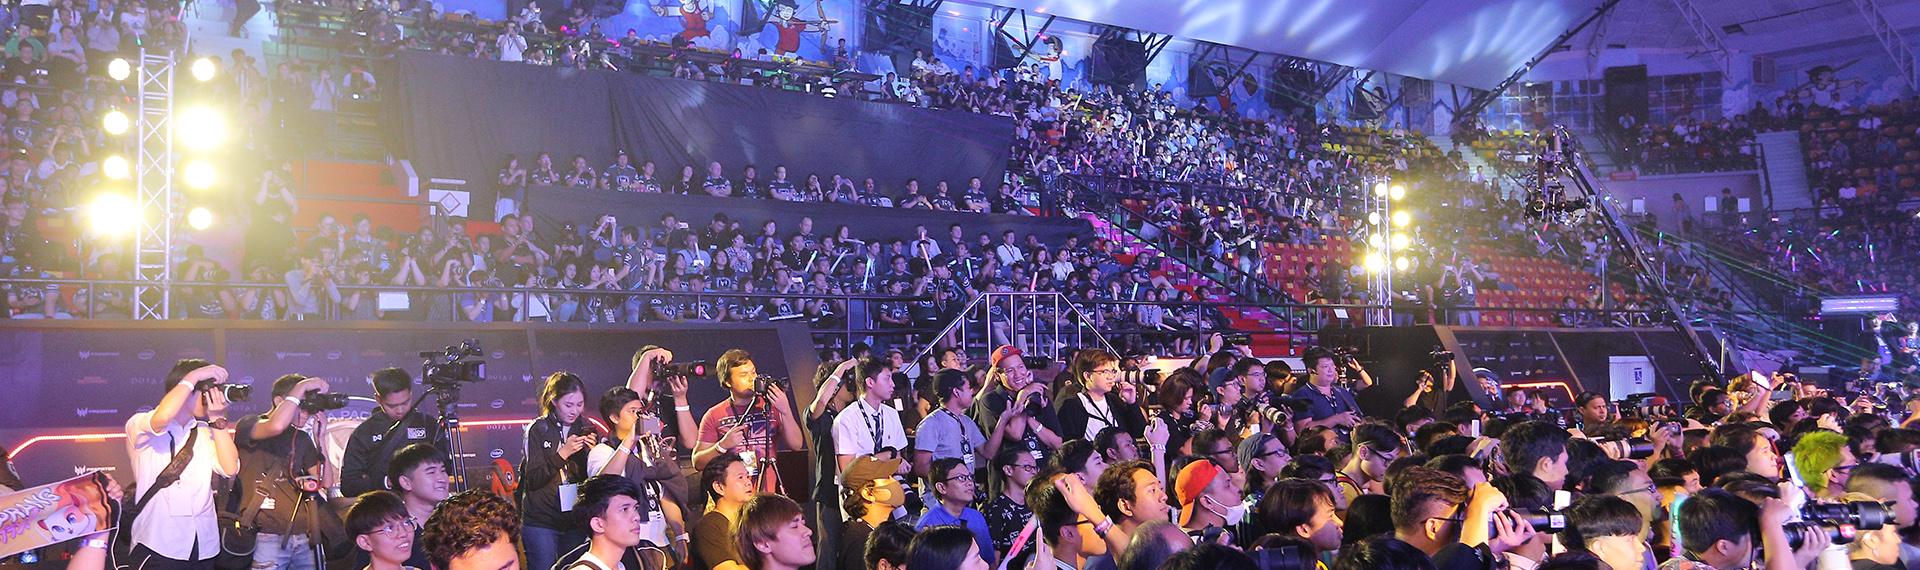 Menuju Grand Final Asia Pacific Predator League 2019, Bakal Ada Apa Saja?